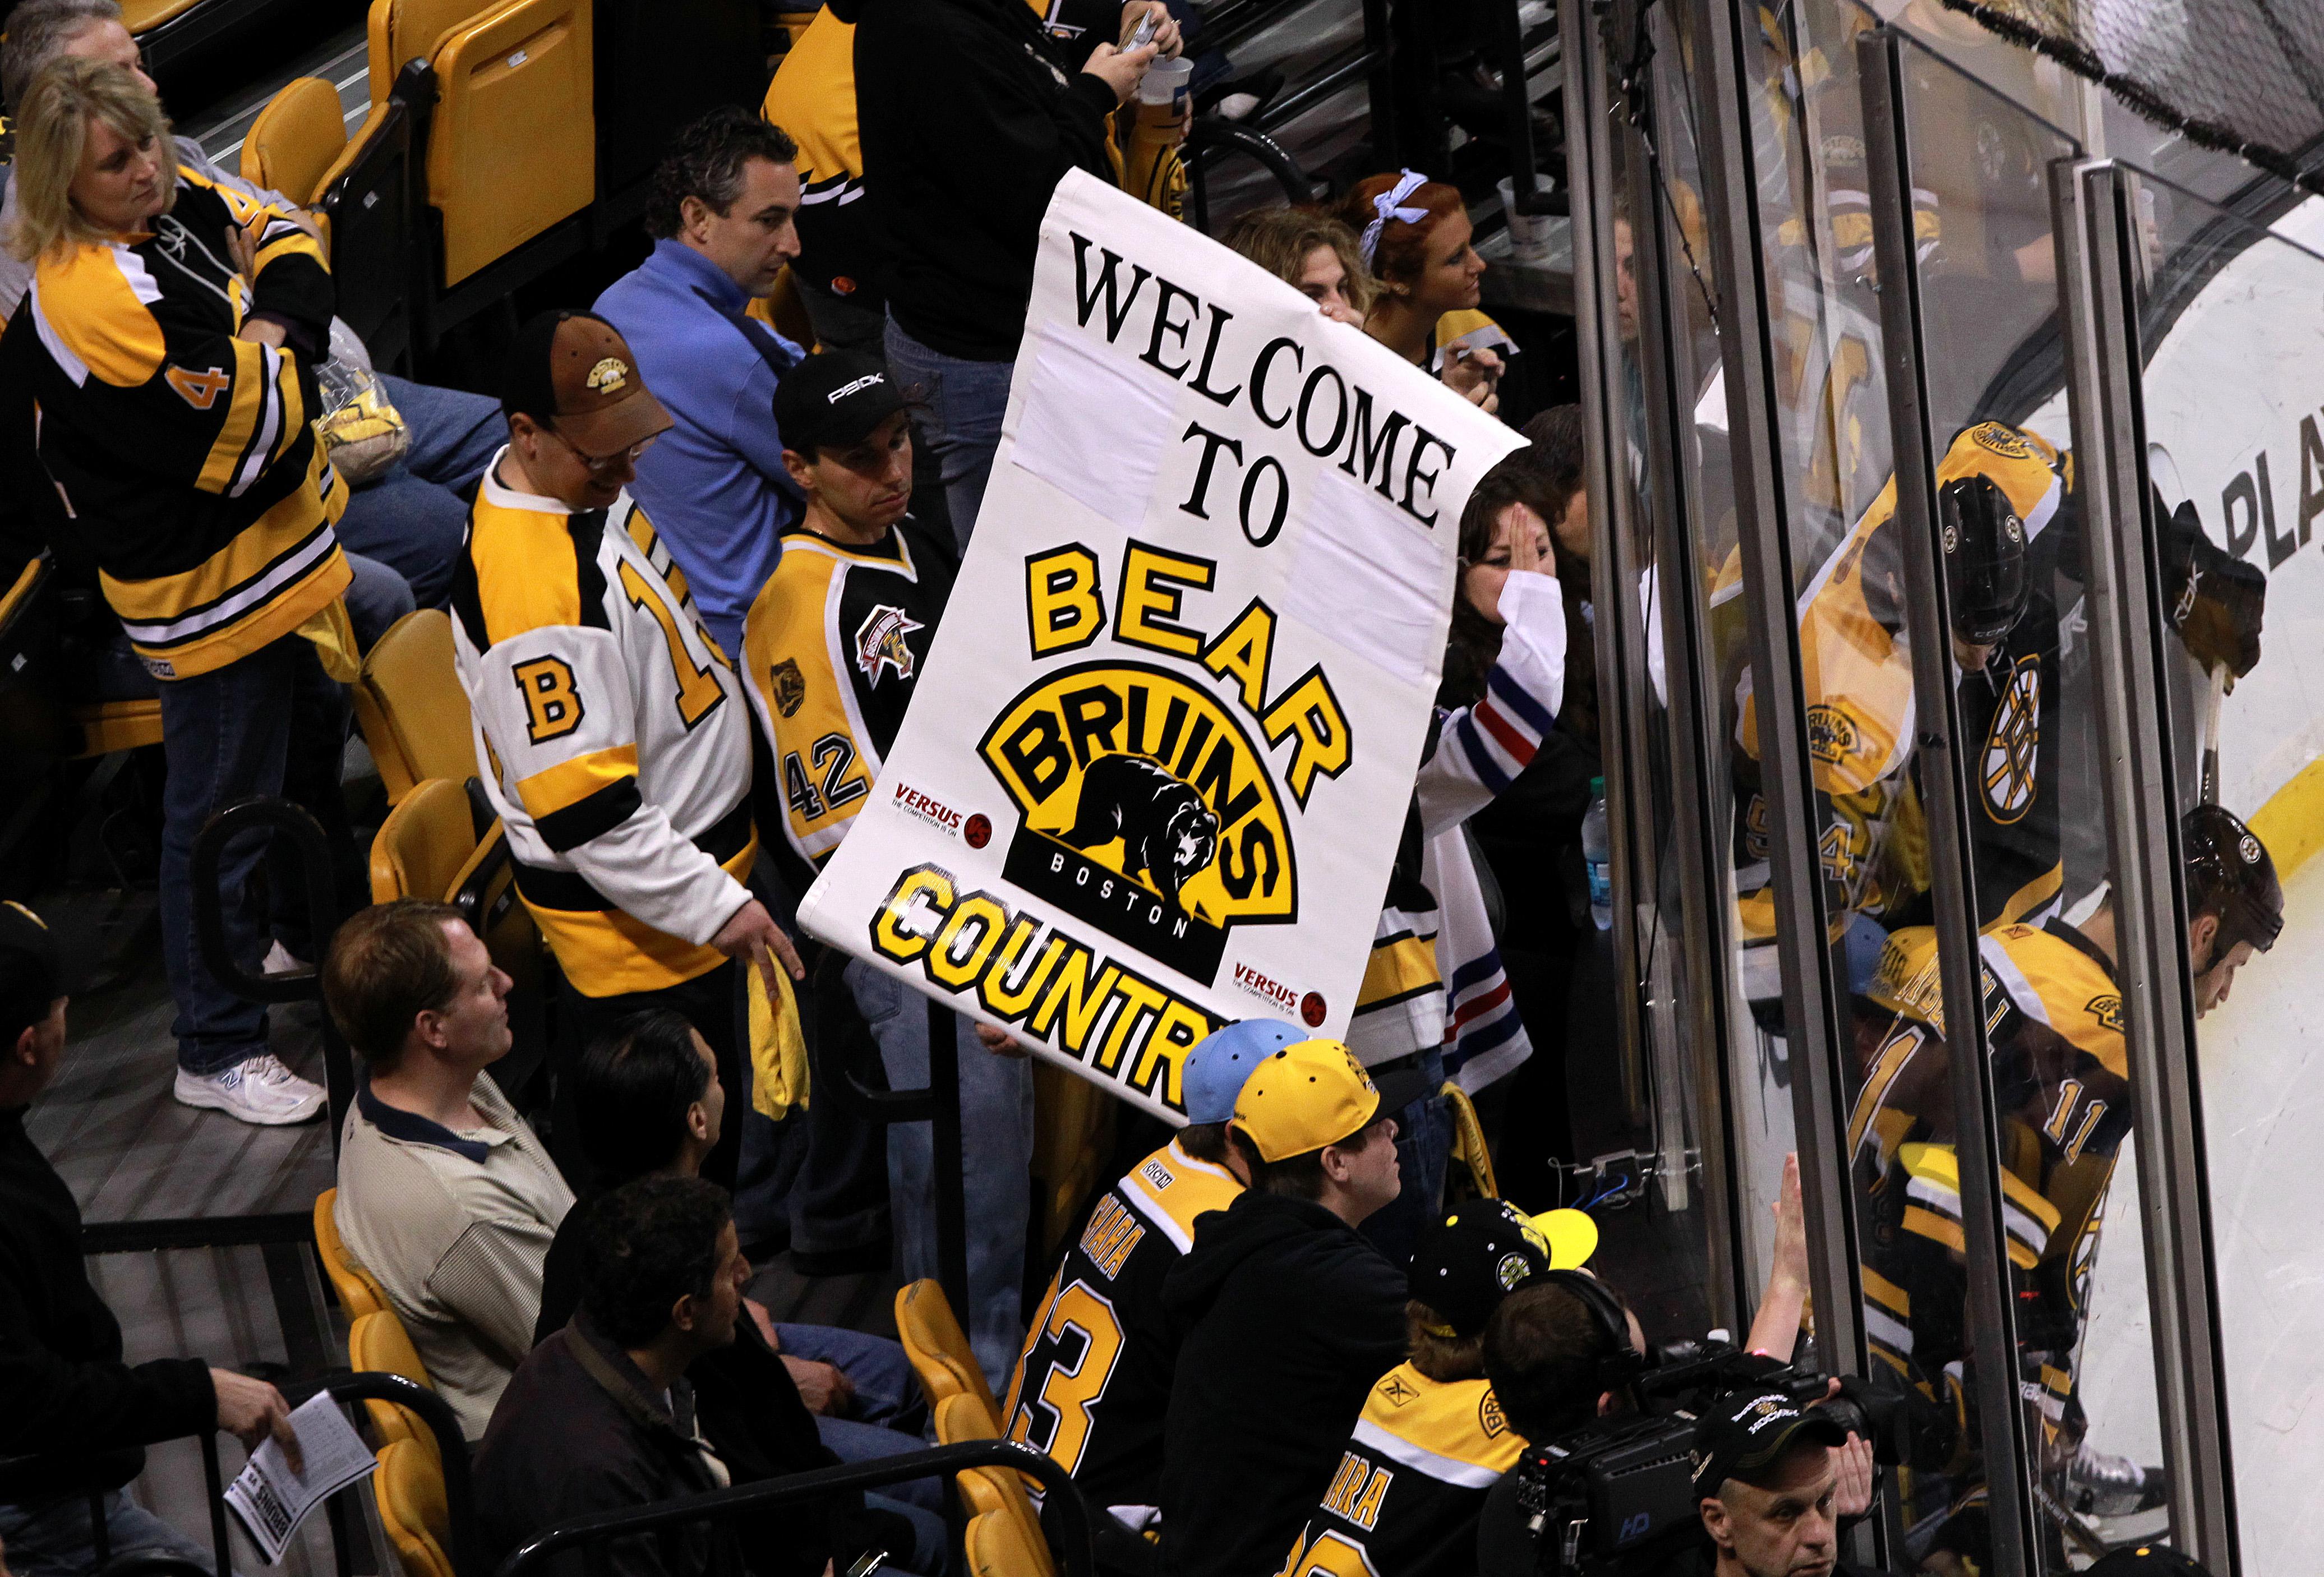 Tampa Bay Lightning Vs. Boston Bruins At TD Garden